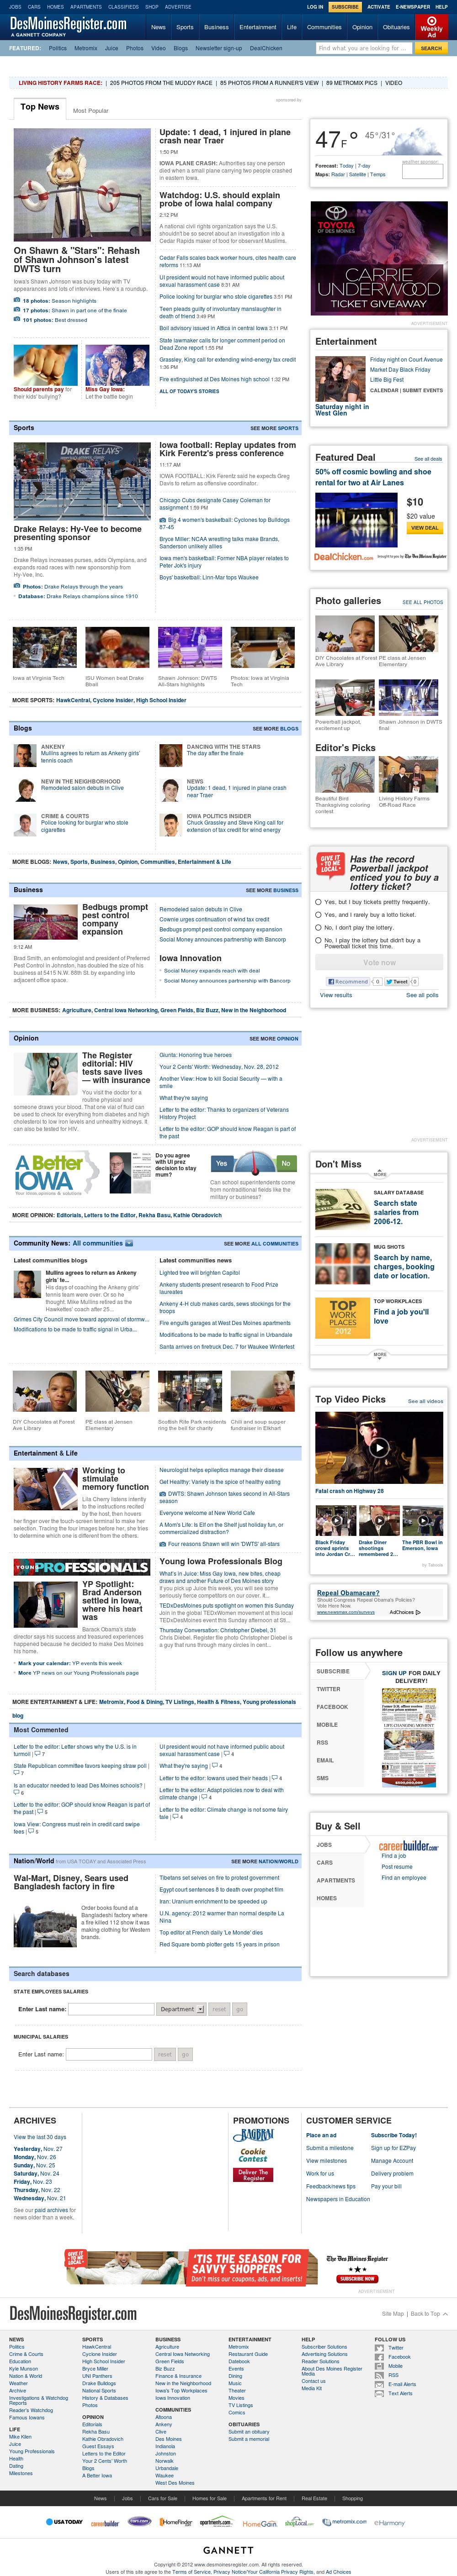 DesMoinesRegister.com at Wednesday Nov. 28, 2012, 10:07 p.m. UTC